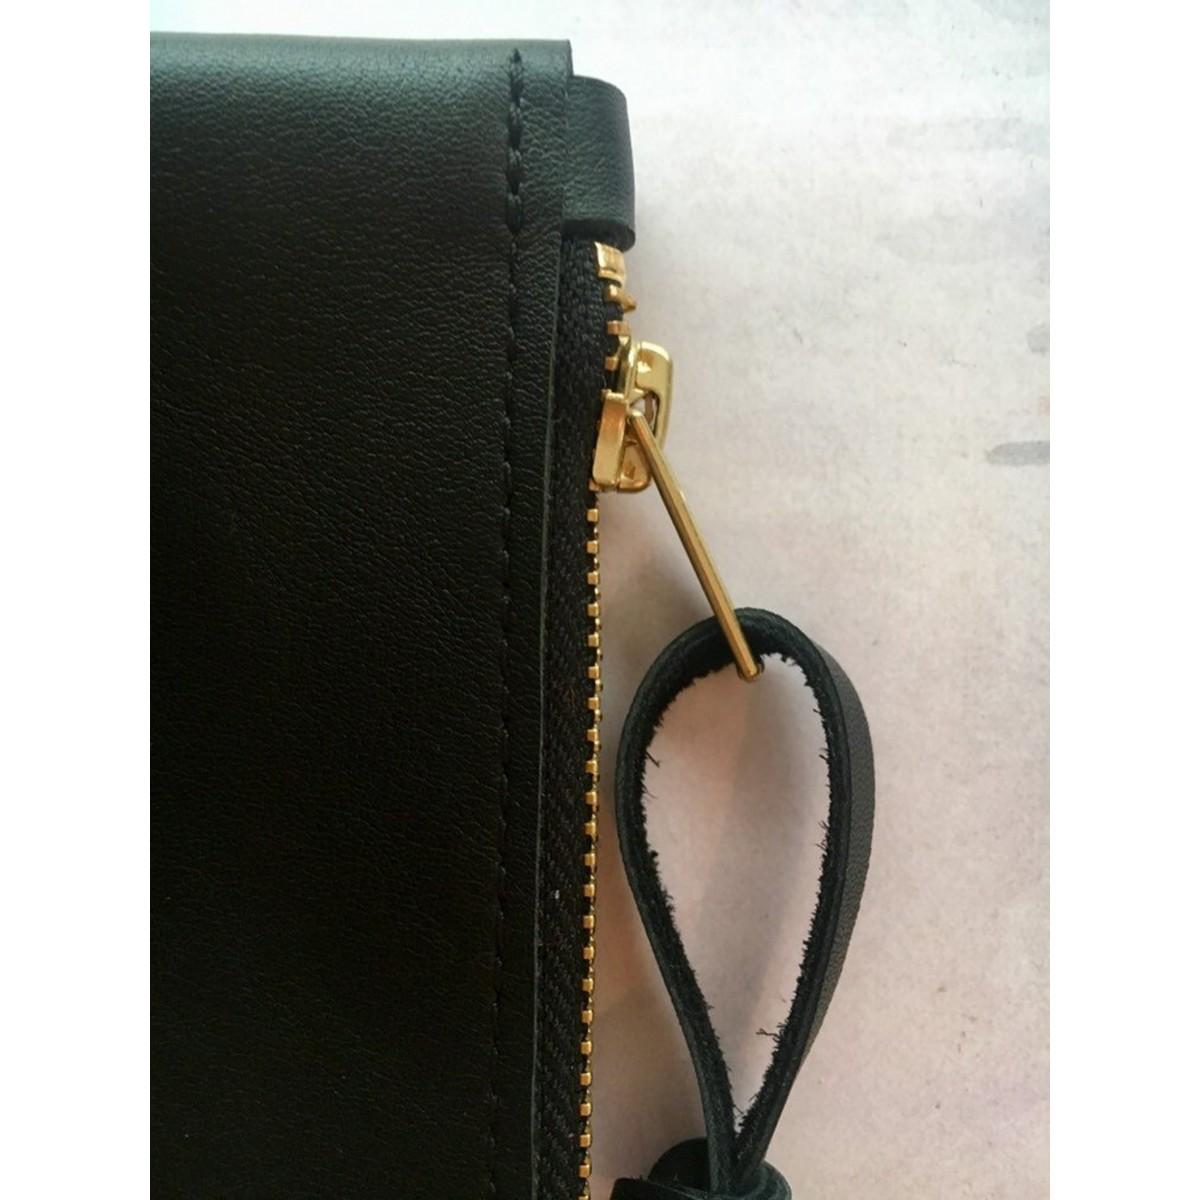 BSaite / Kleines schwarzes Leder Portemonnaie / kleine Leder Geldbörse / Reißverschluss Tasche schwarz / Geschenk für Freundin